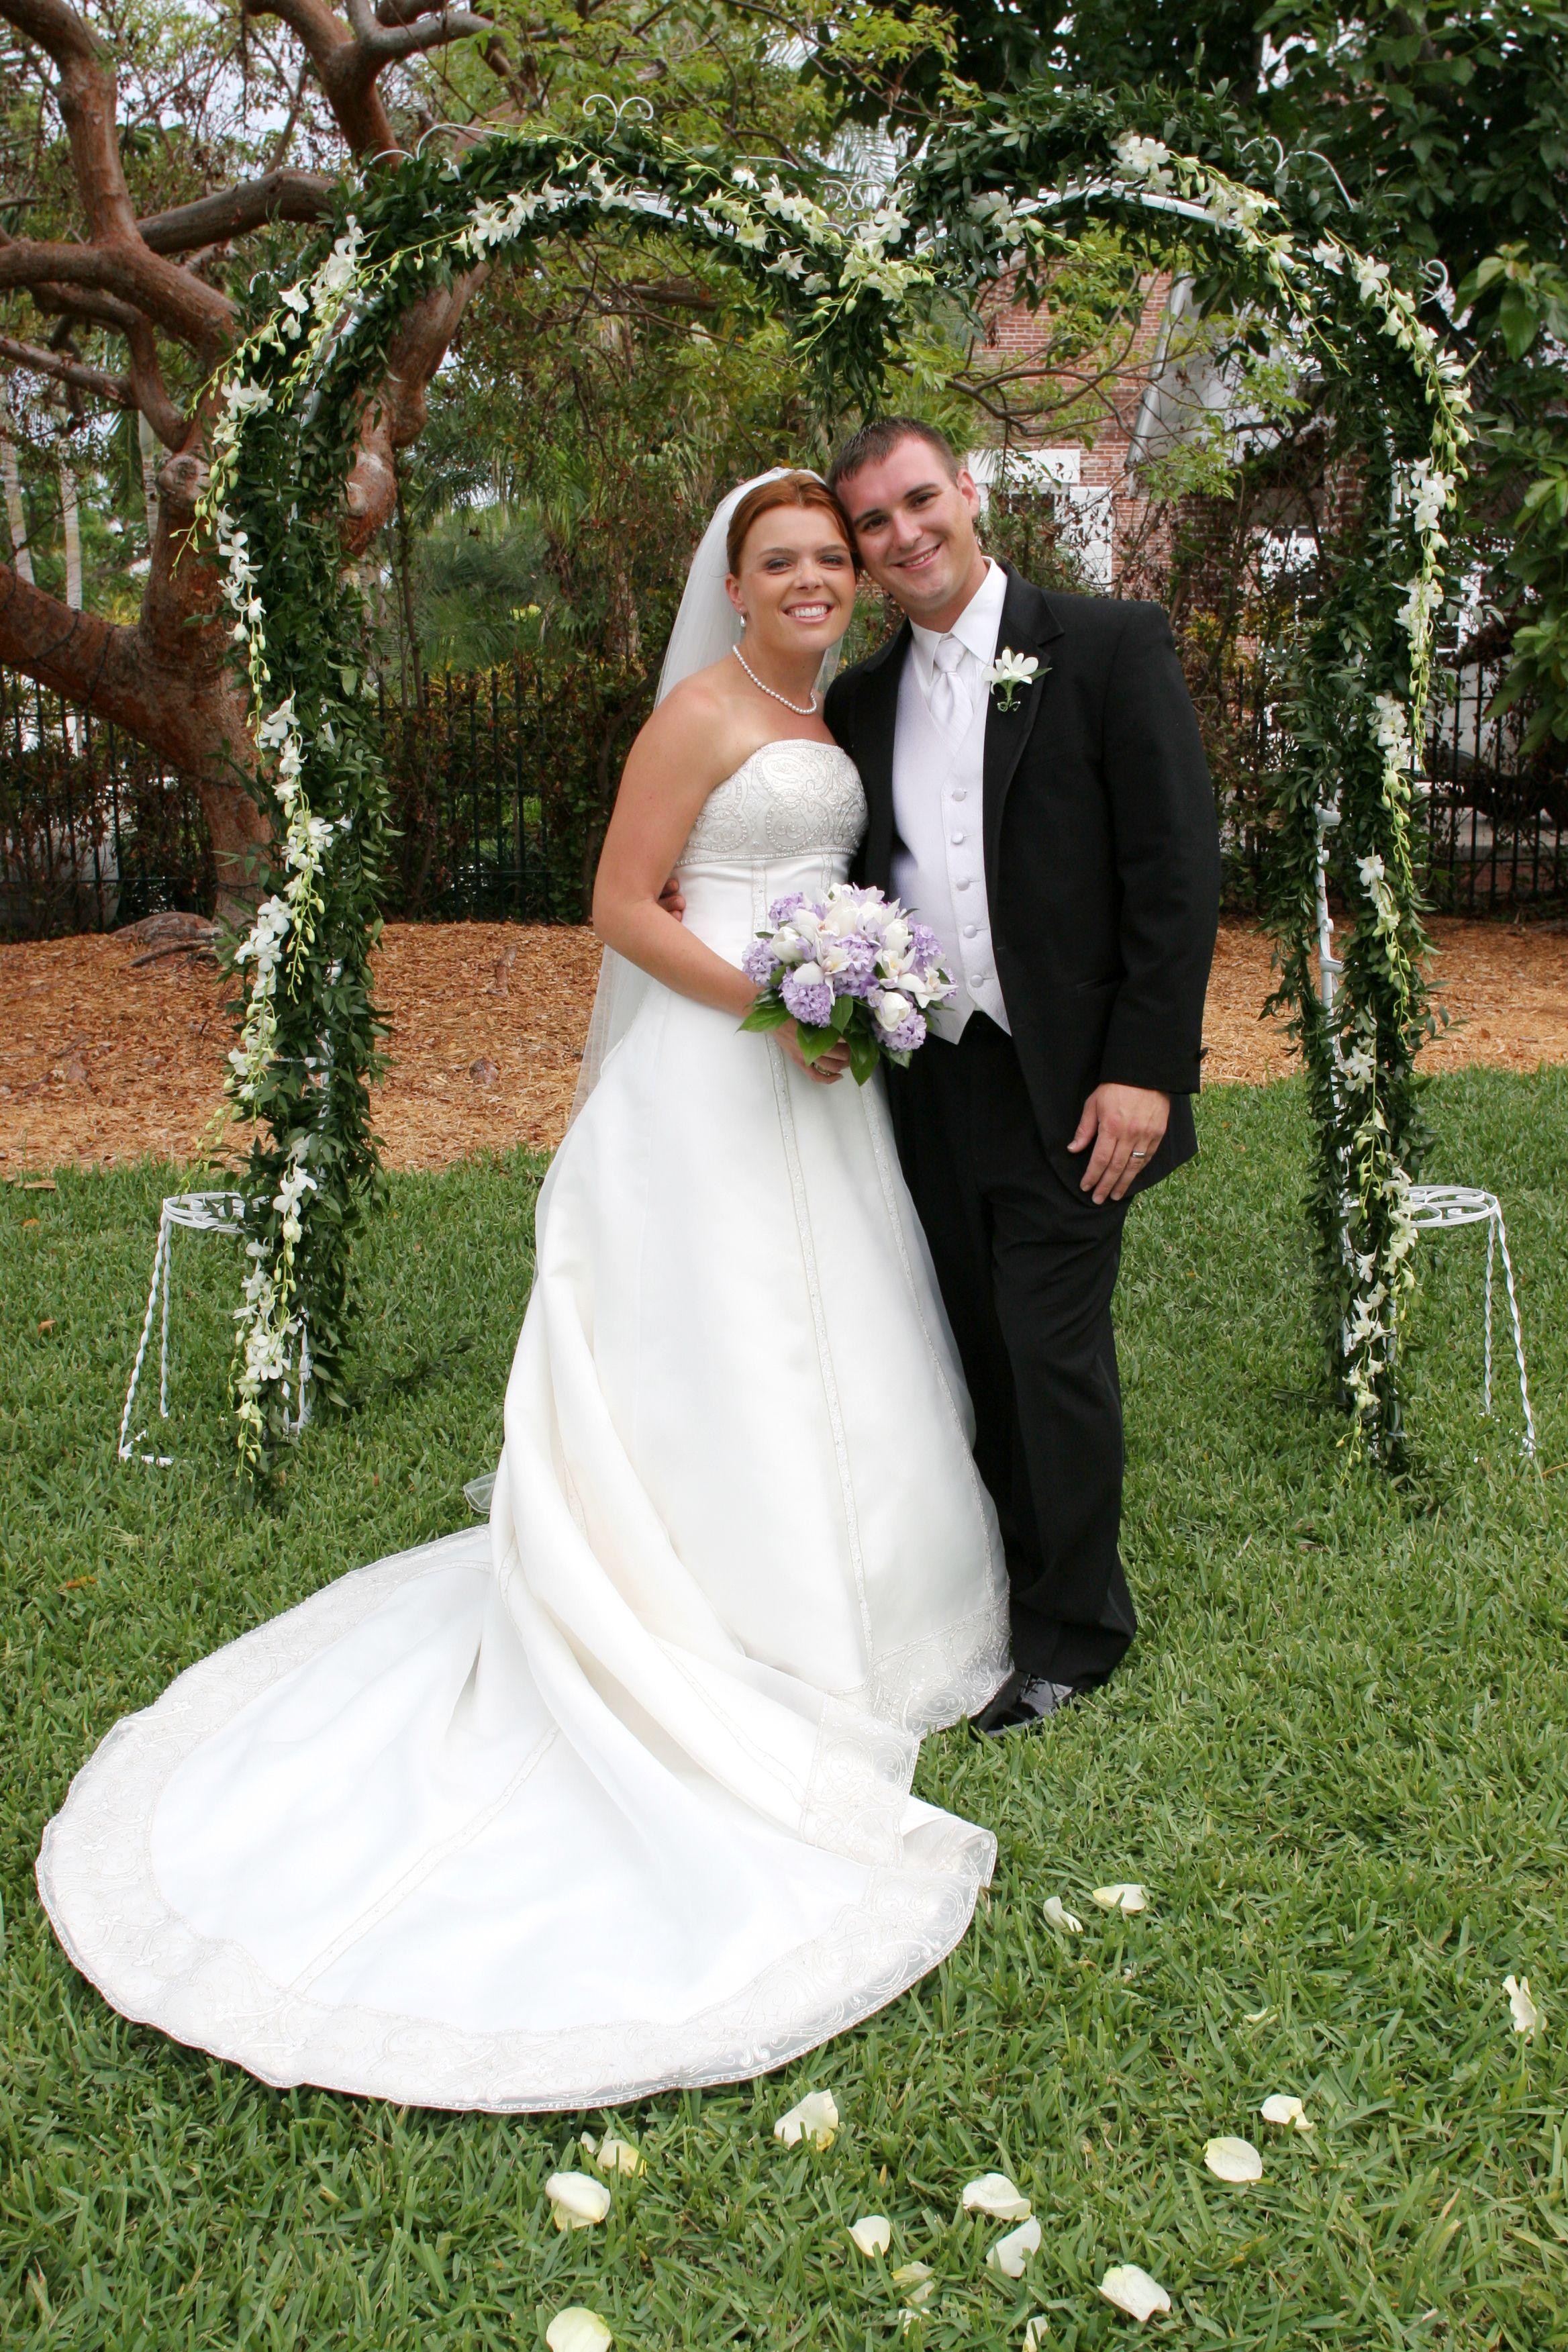 Wedding Photography Poses Slideshows Photographer Key West Pose